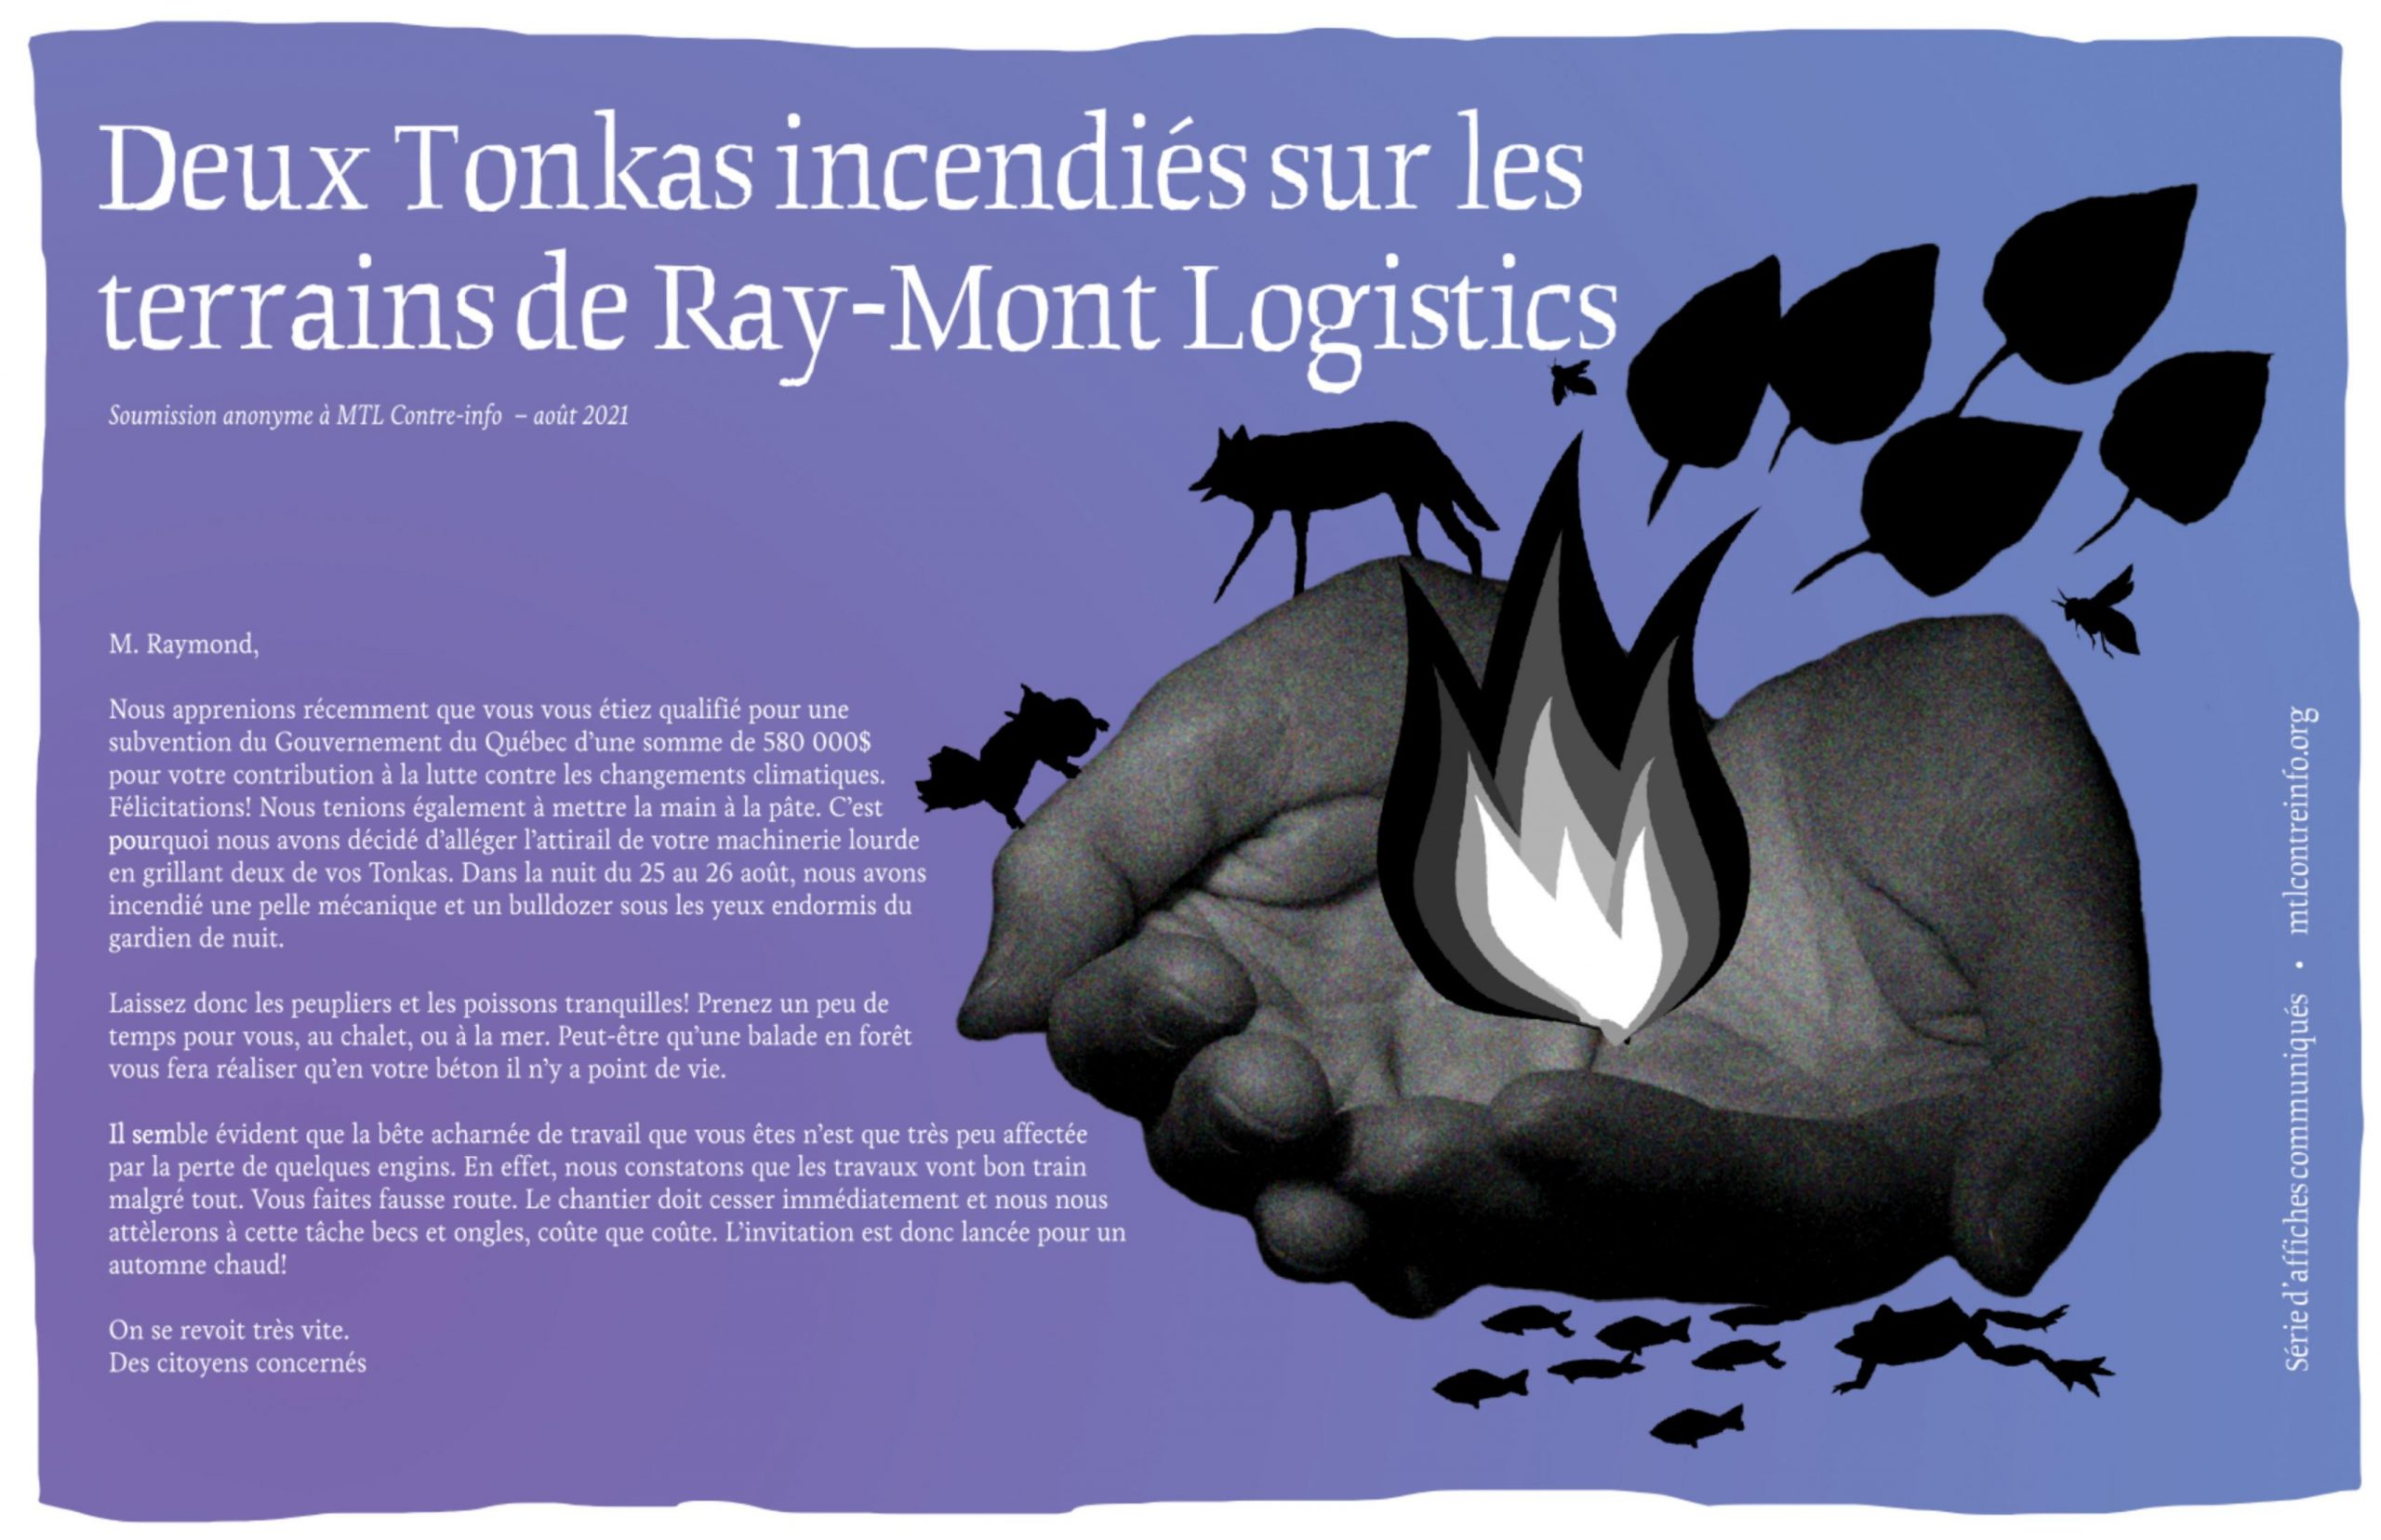 Nouvelle affiche de communiqué : Deux Tonkas incendiés sur les terrains de Ray-Mont Logistics